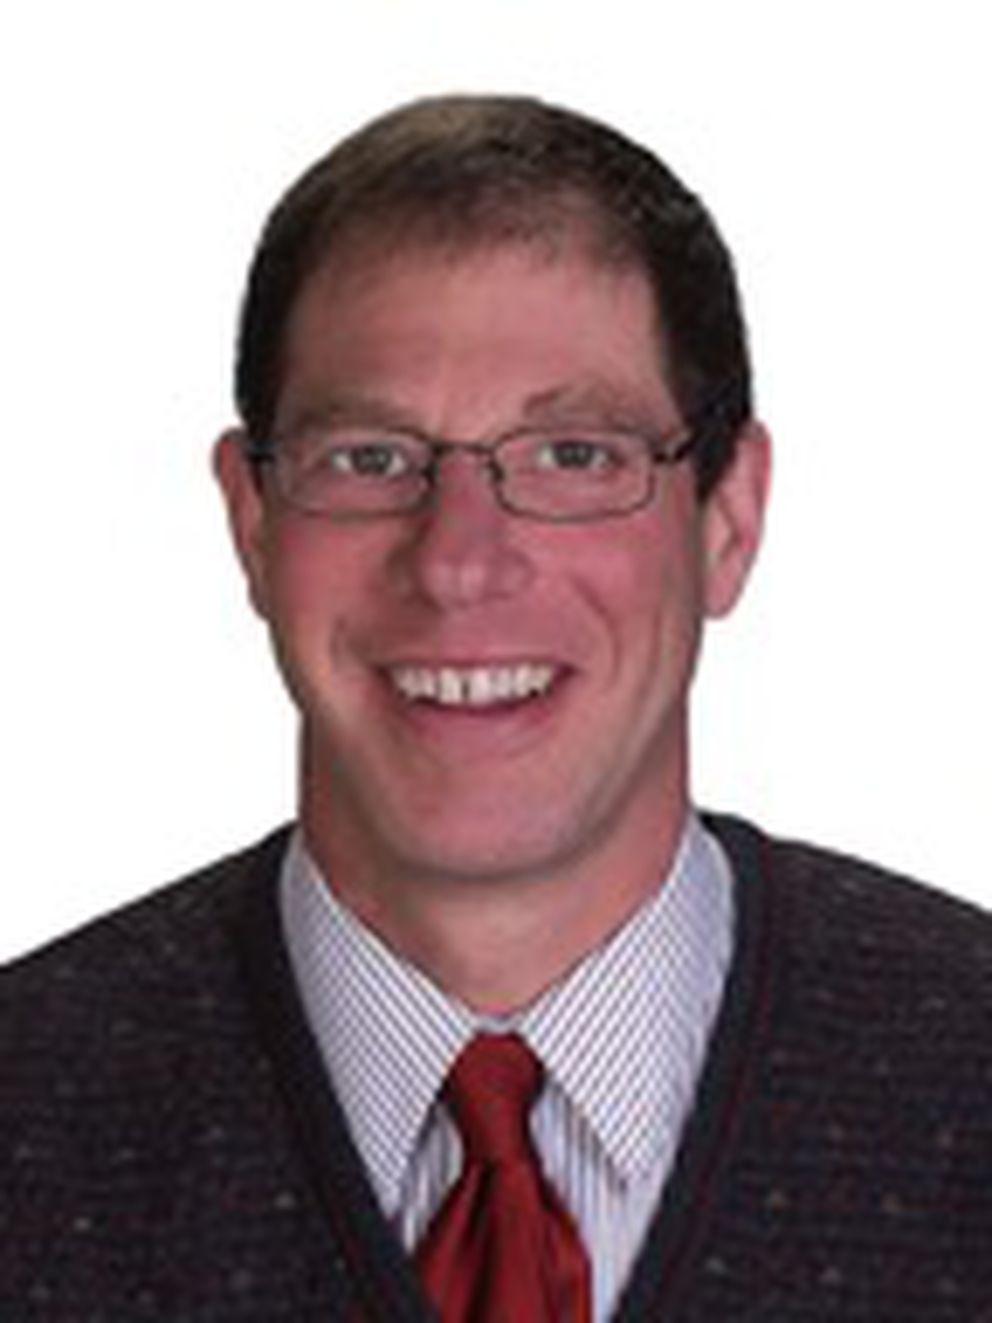 Dr. Alan Gross